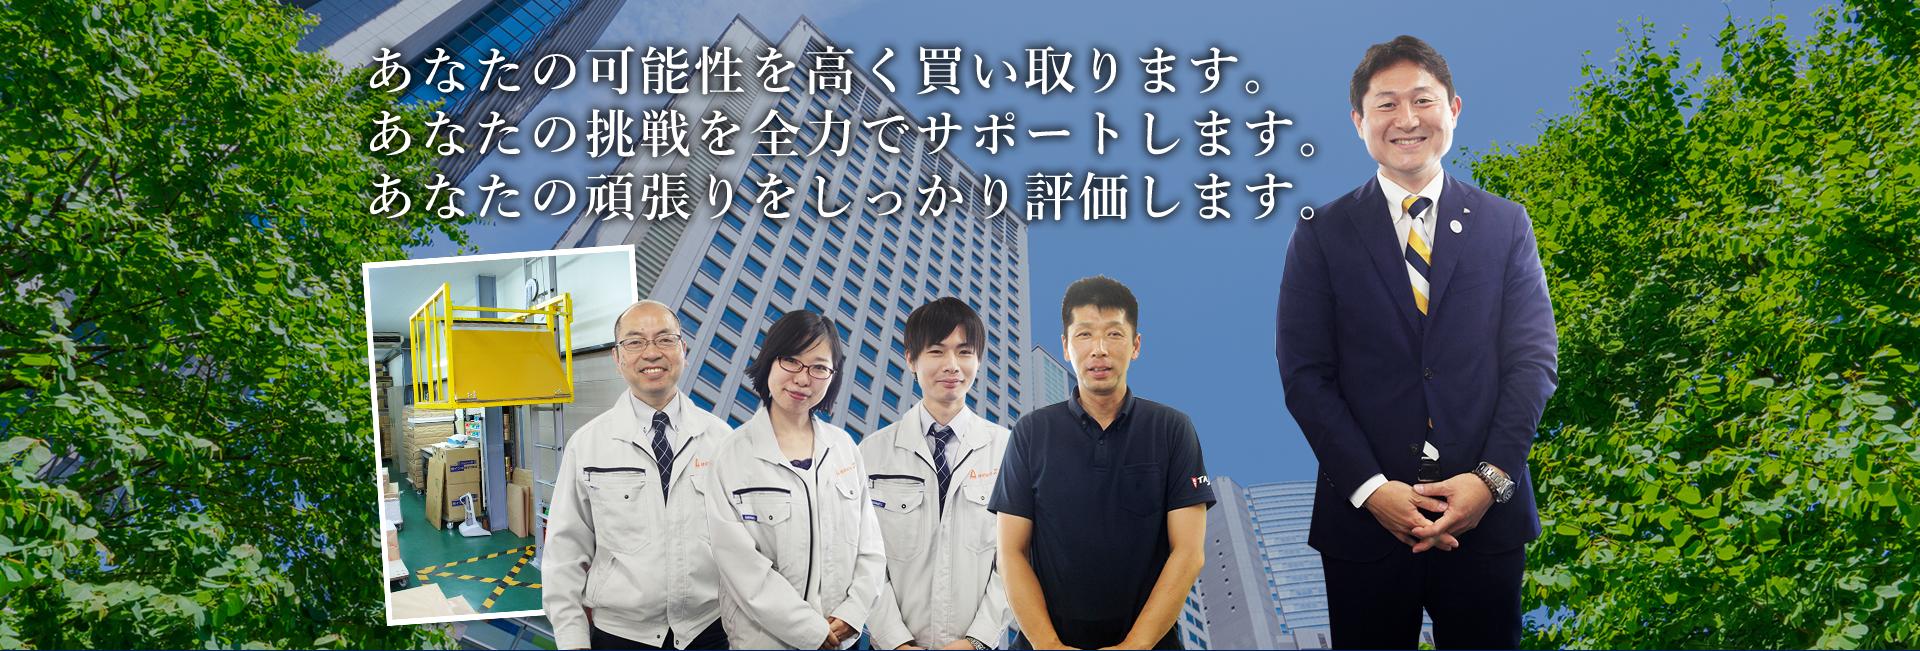 大阪府吹田市で太陽光発電・屋根関係工事・昇降機の営業の求人は株式会社大久